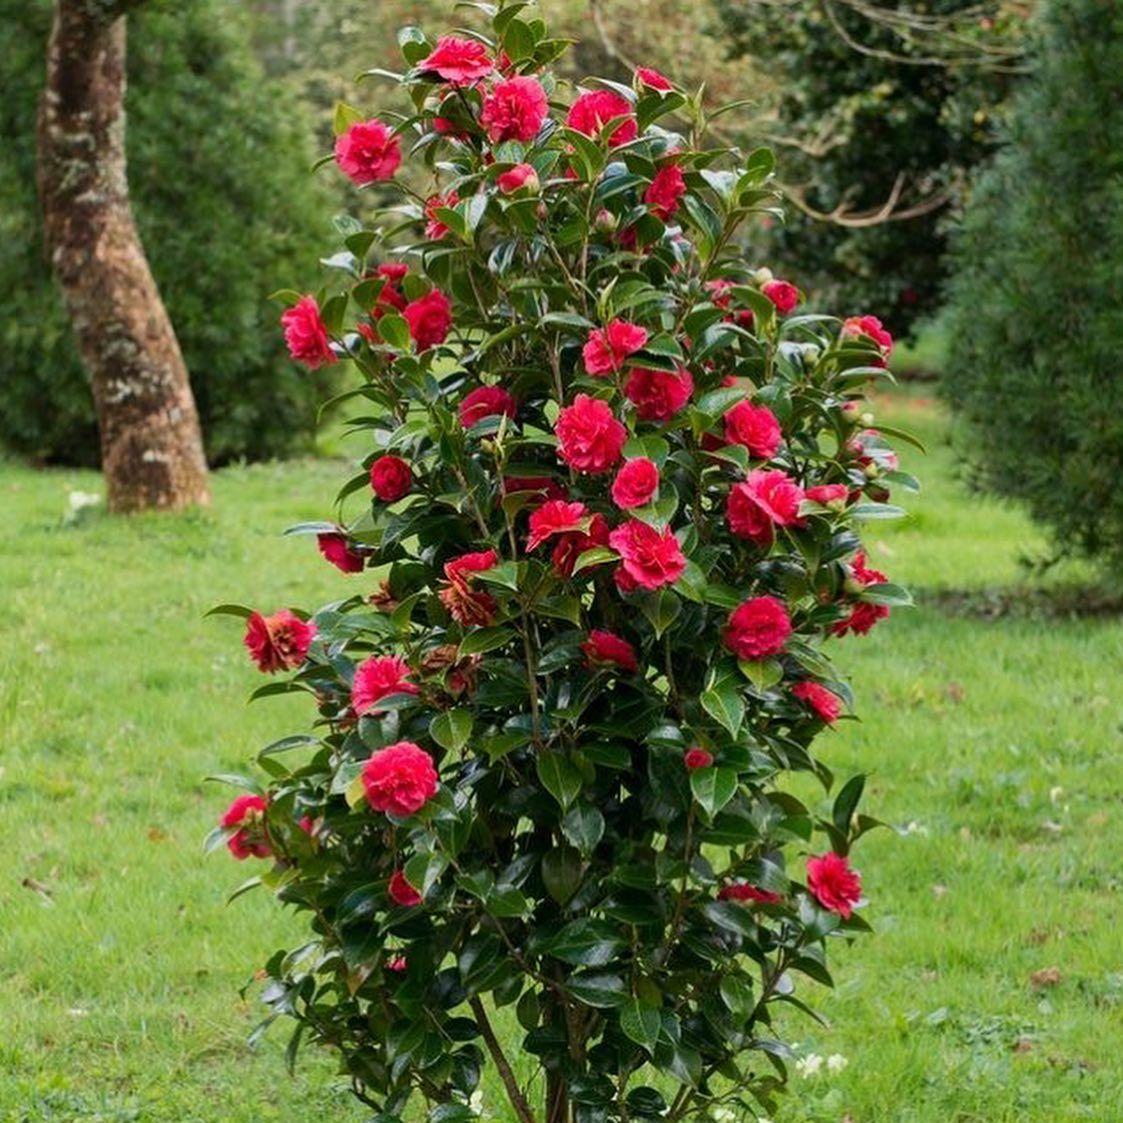 Kamelya Camellia Japonica Bahce Bitkisi Olarak Yetistirilen Kamelya Kasim Mayis Arasi Ciceklendigi Icin Kis Gulu Olarakta Bilinir Donlar Bitki Kamelya Bahce